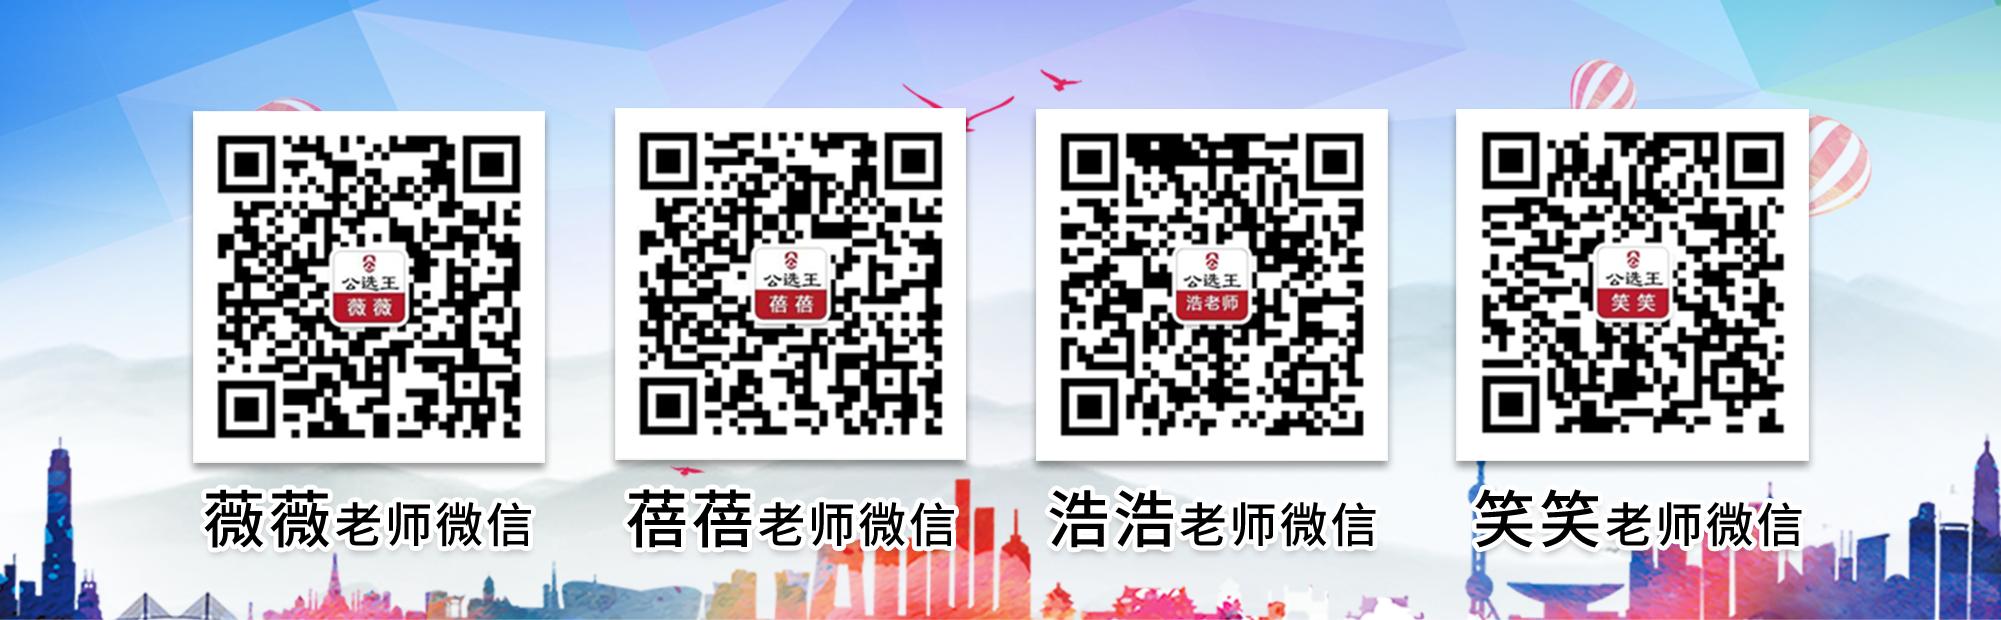 公选王遴选网客服联系方式1.png